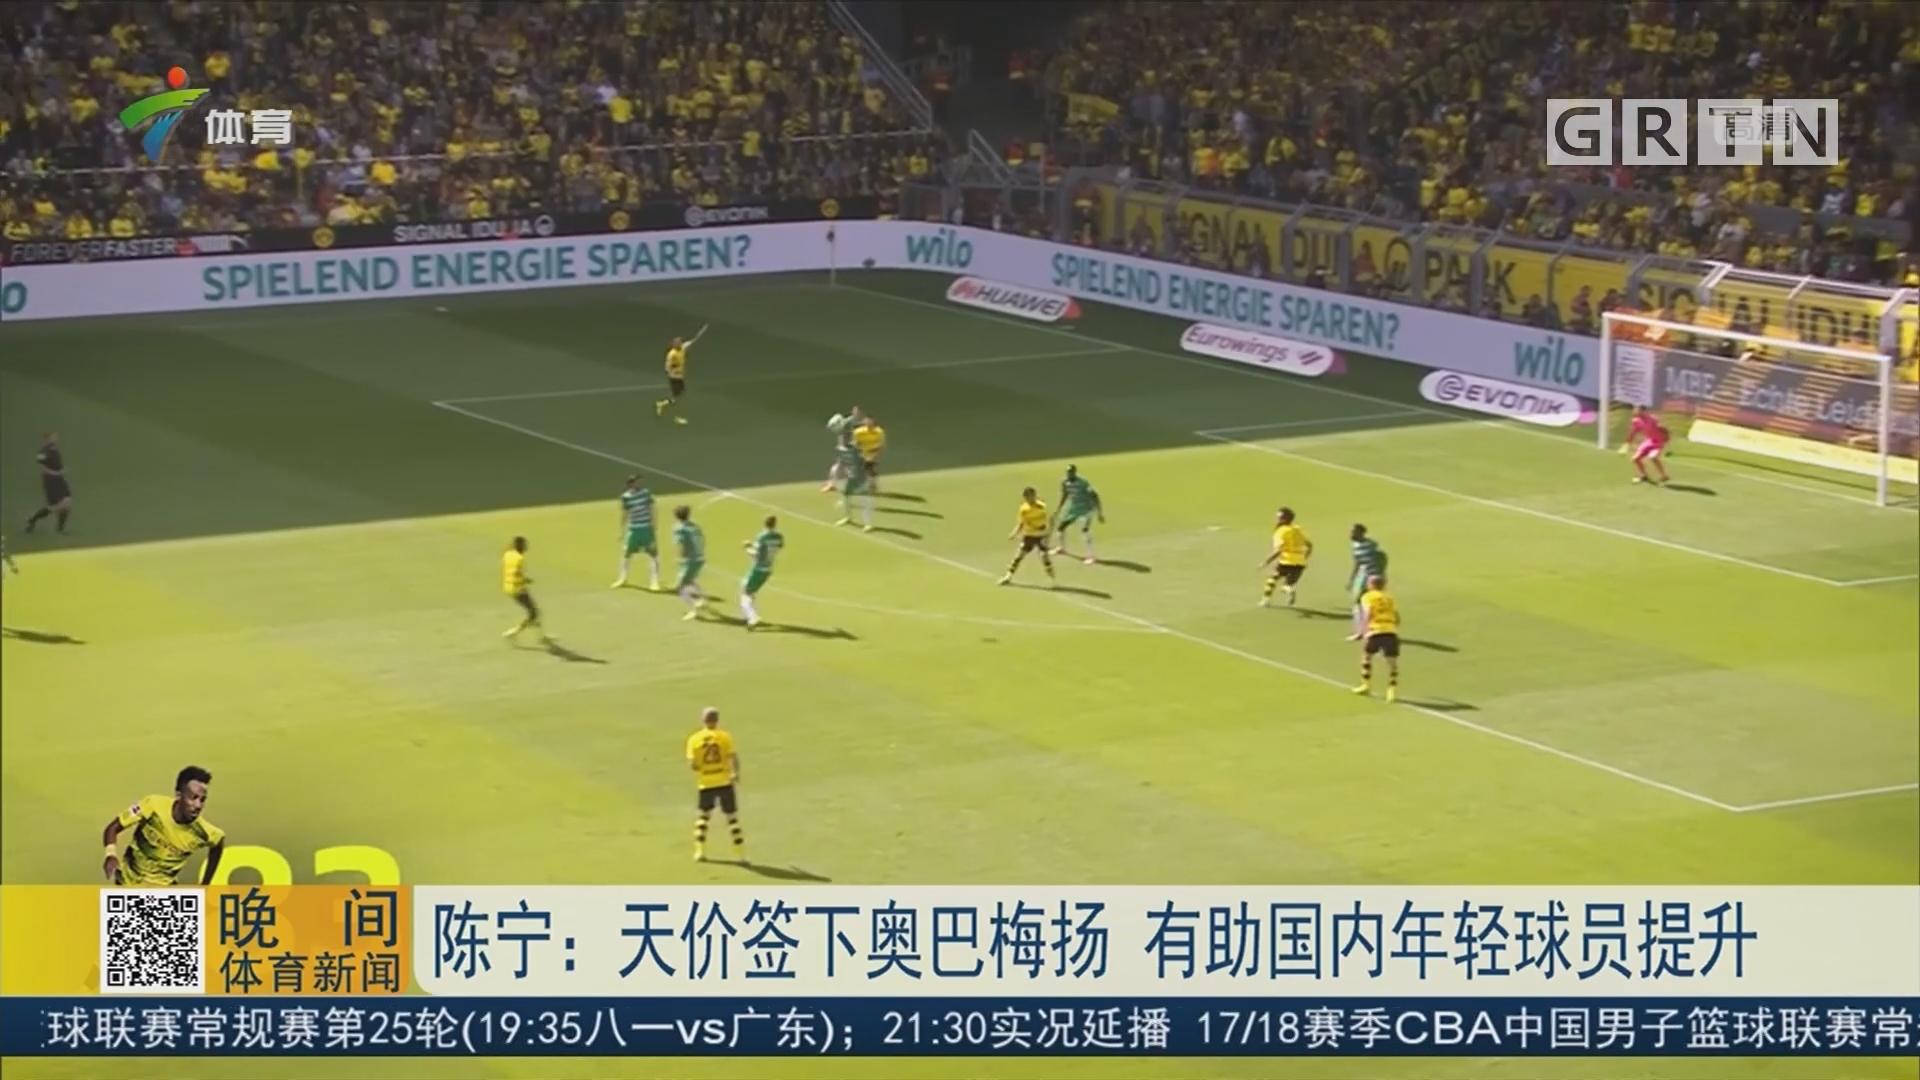 陈宁:天价签下奥巴梅扬 有助国内年轻球员提升